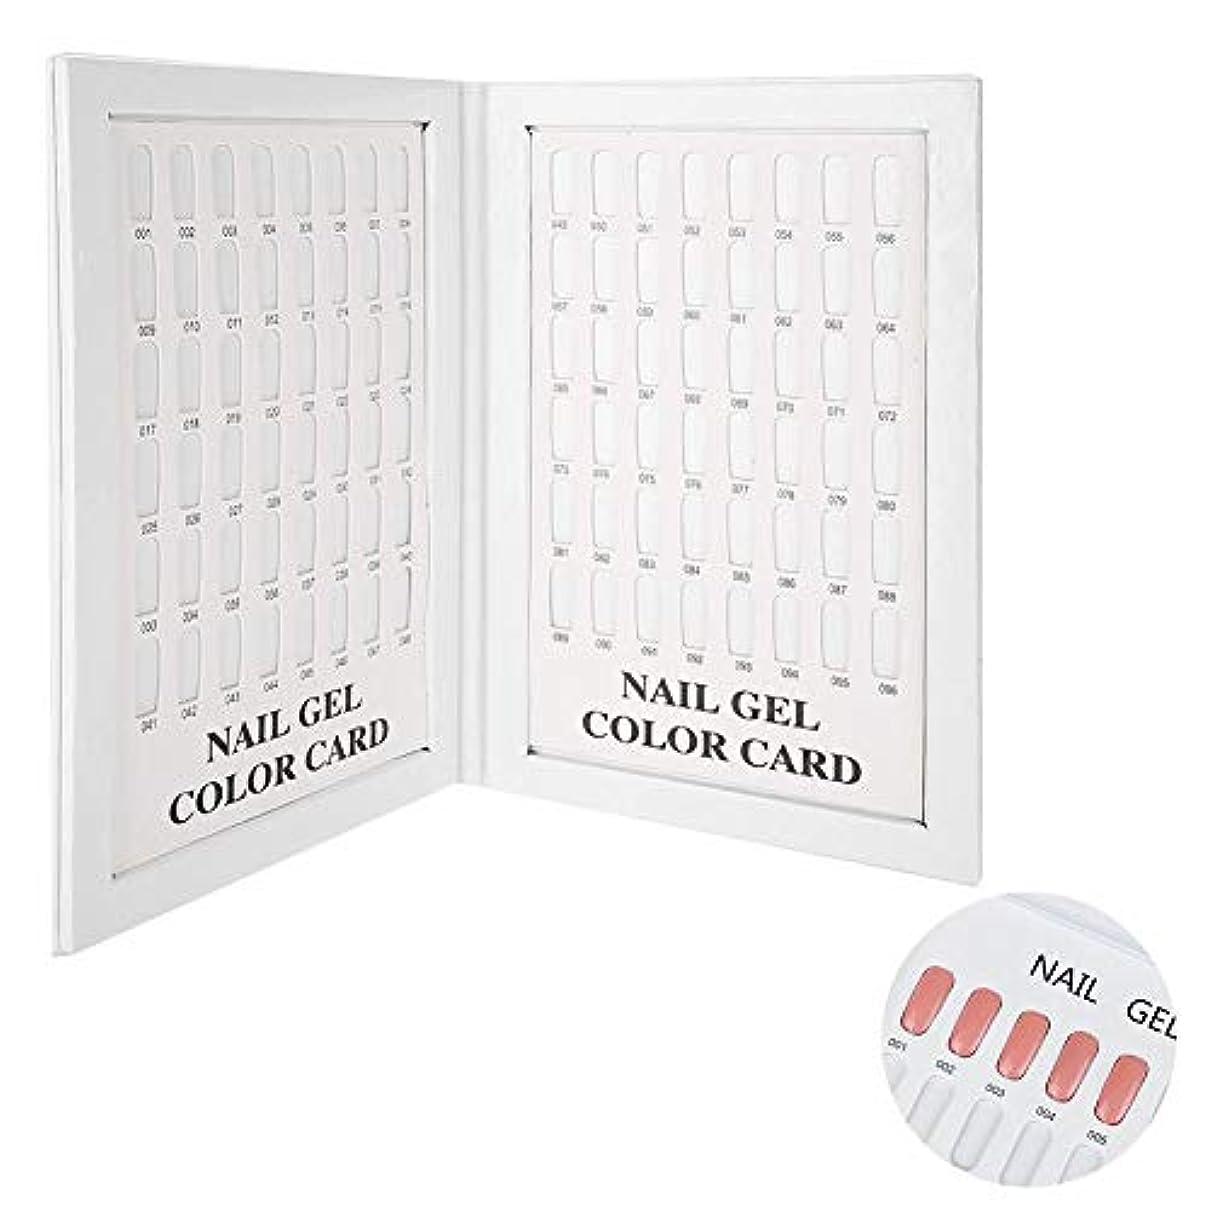 主張活気づけるバリーネイルジェルポリッシュカードディスプレイボード、96色ネイルジェルディスプレイチャートブック表示便利な用途サロンネイルアート